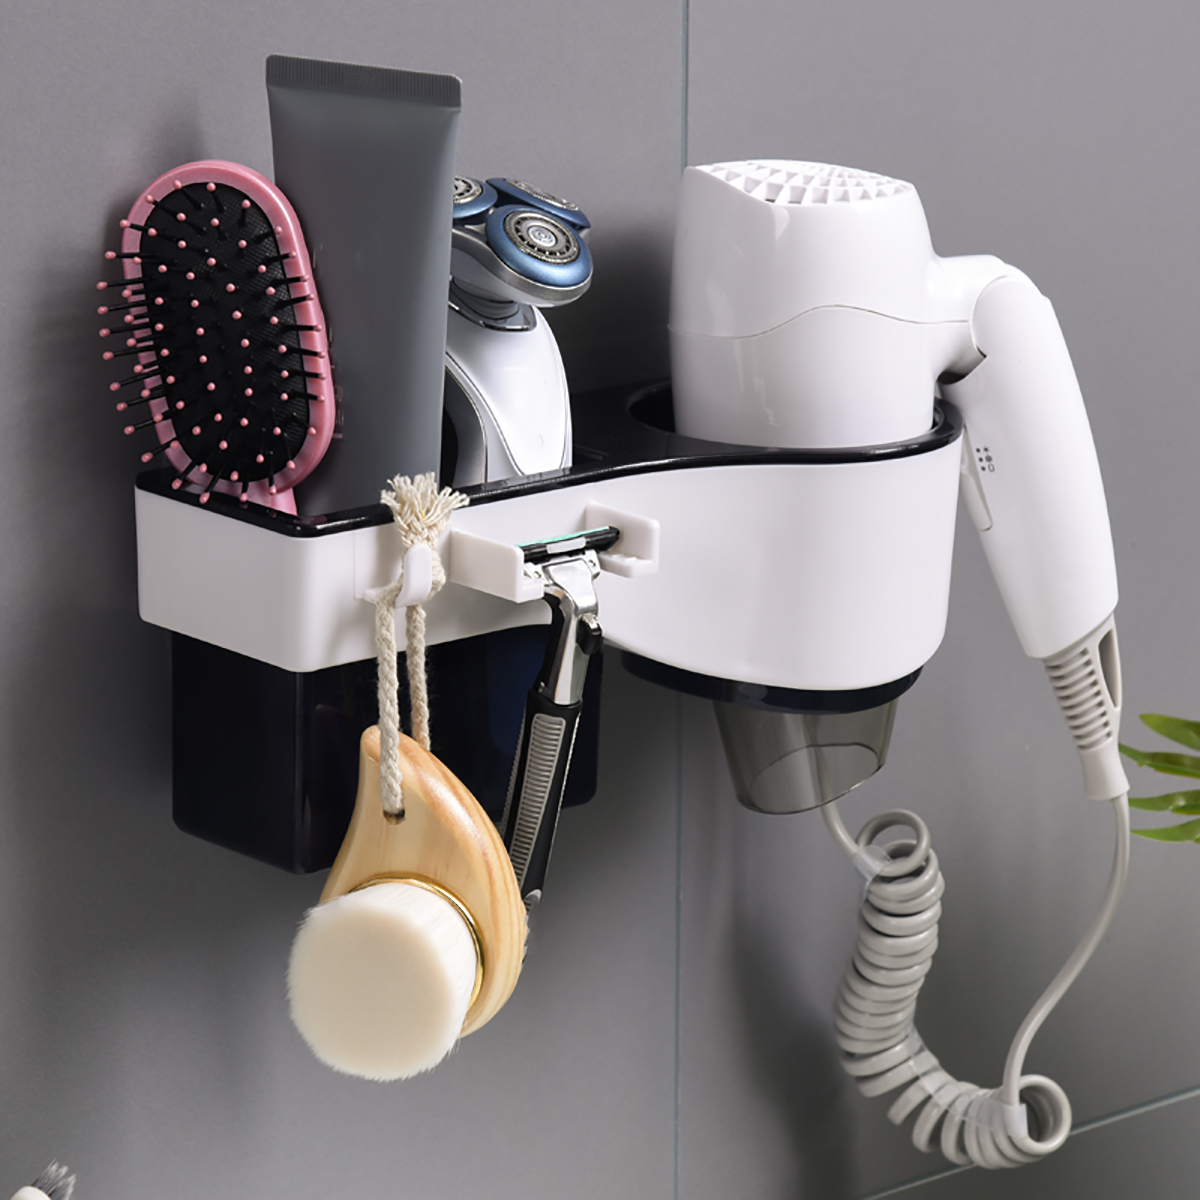 Hair Dryer Stand Holder Rack Shelf Wall Mounted Sticker Bath Storage